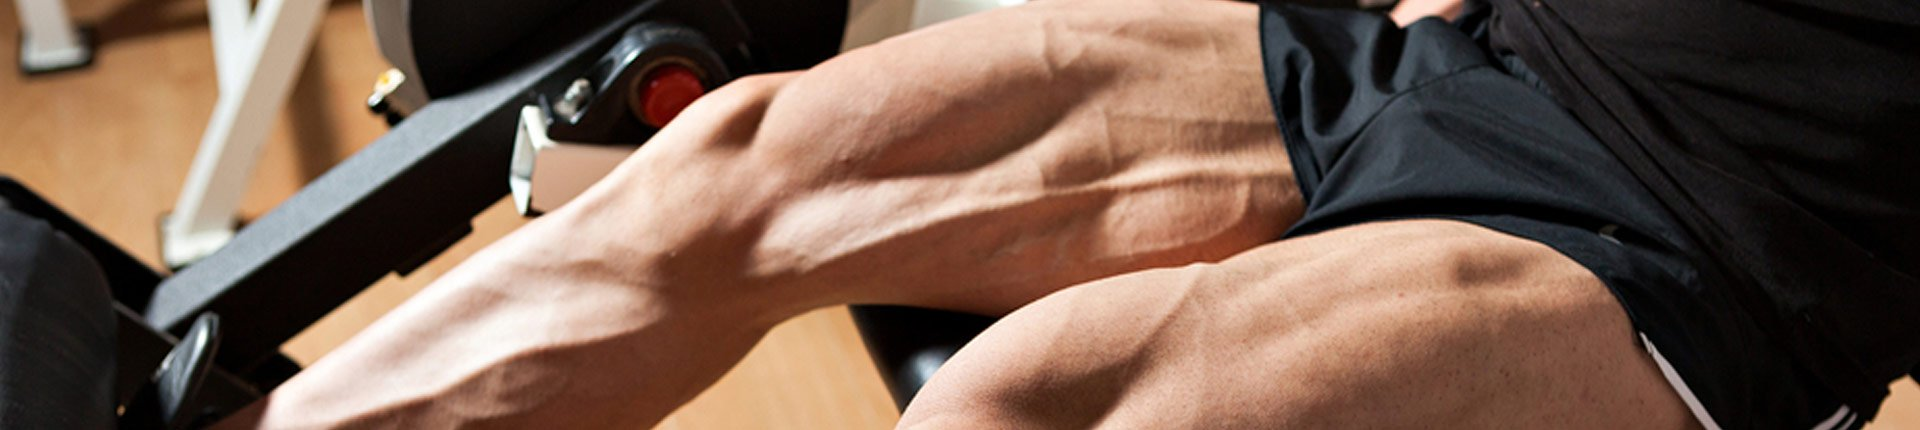 Najlepsze ćwiczenia na pompę mięśniową - Top 6